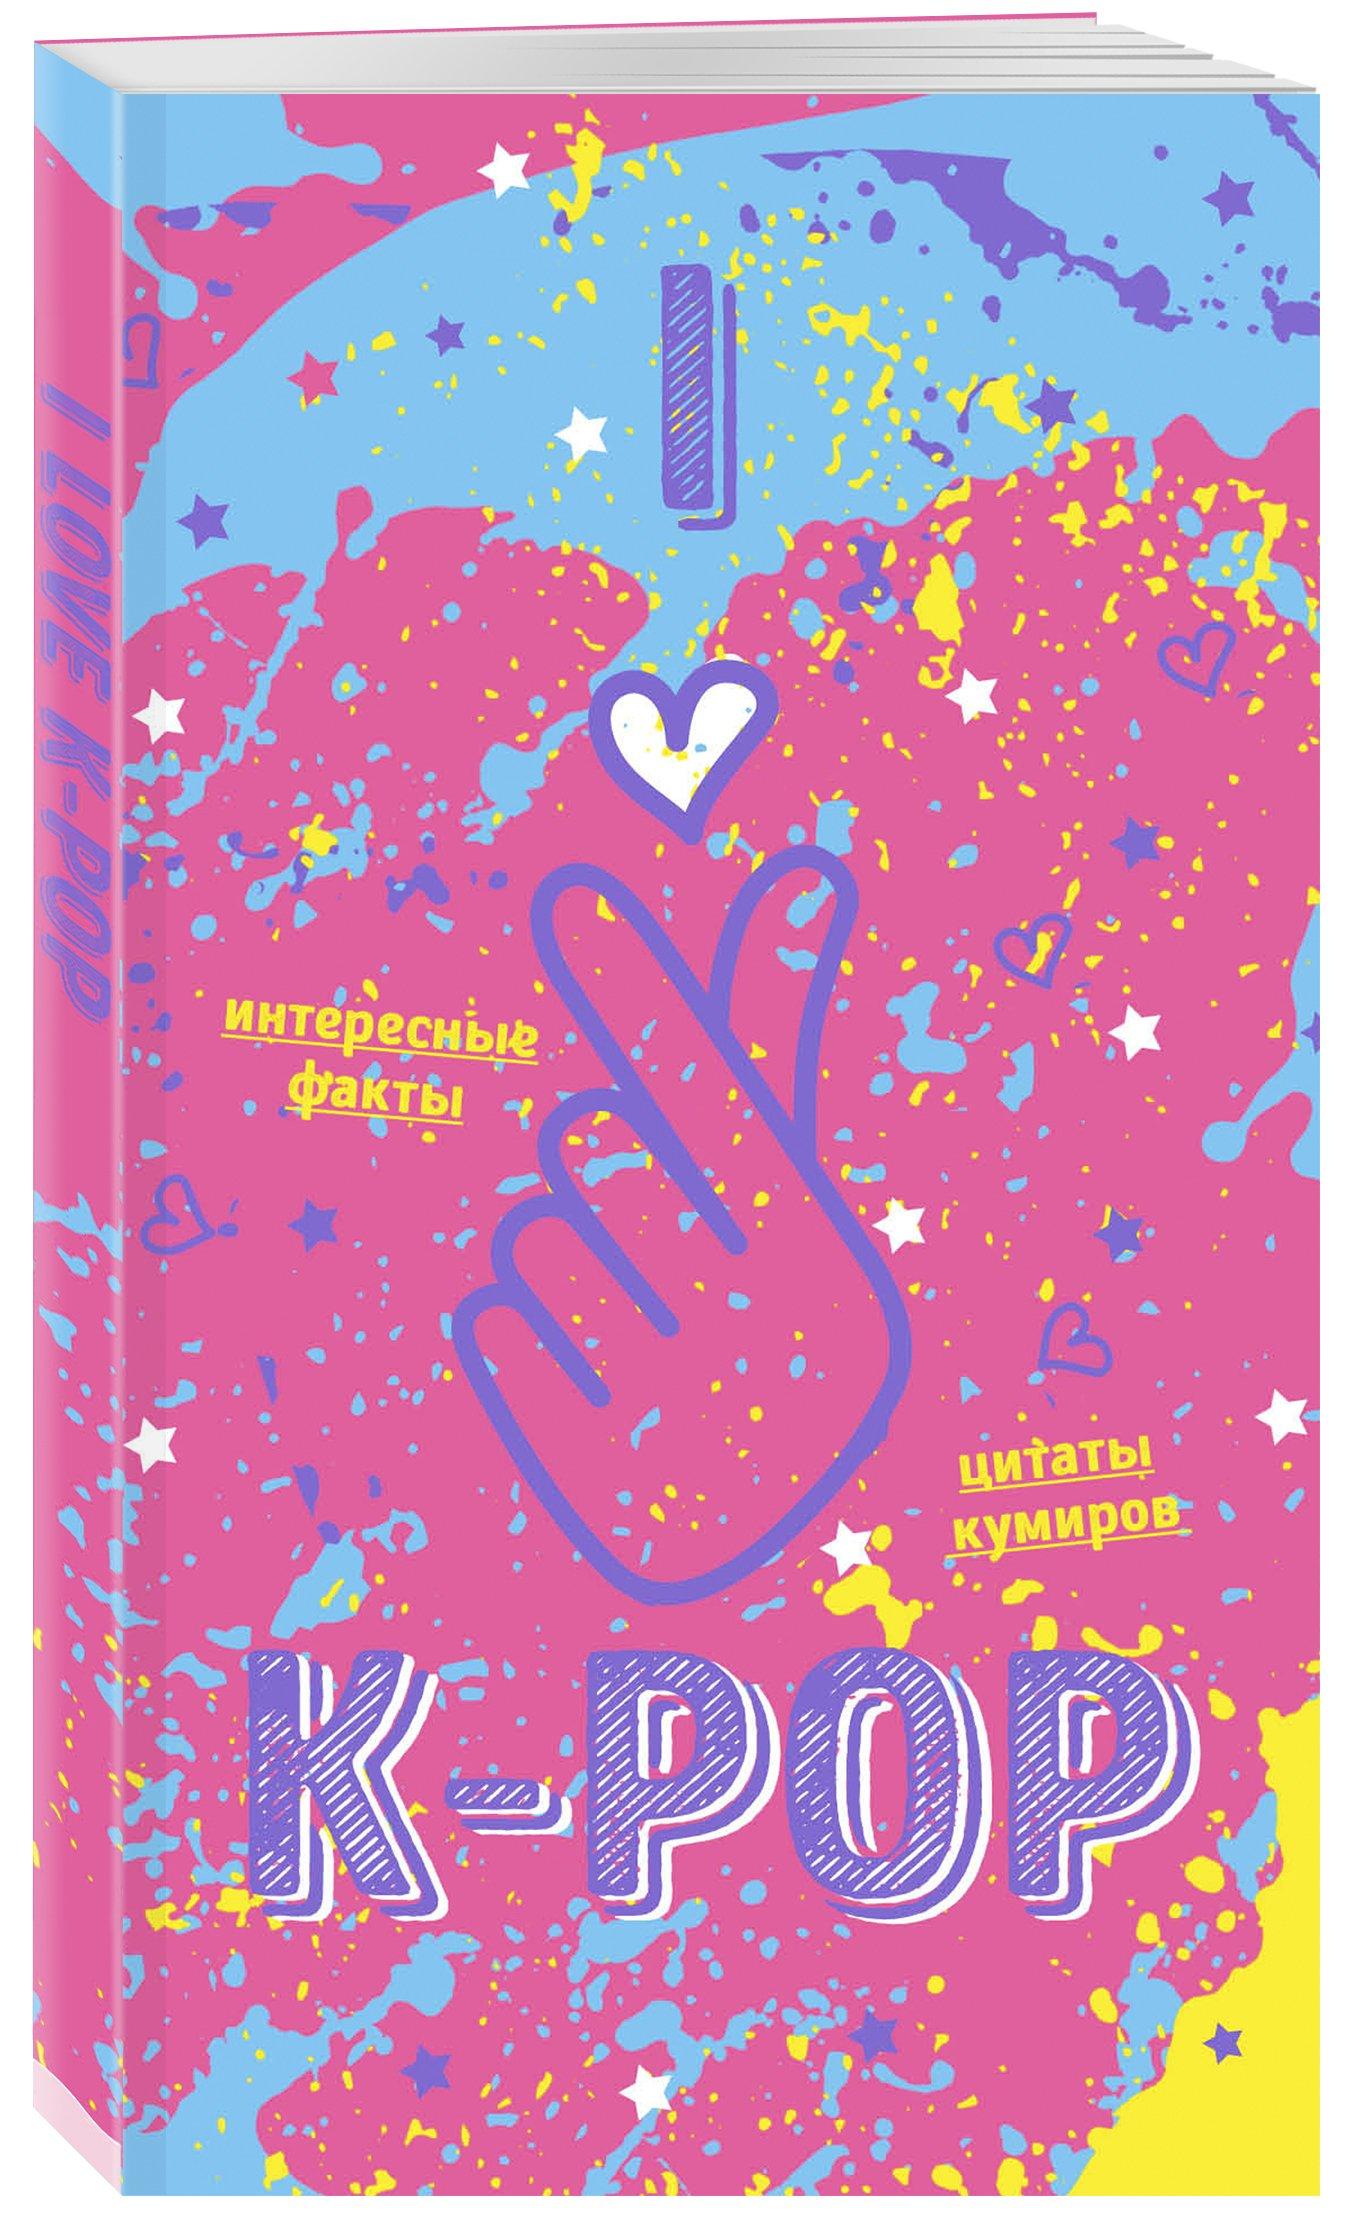 Блокнот K-POP. Твой яркий проводник в корейскую культуру! (формат А5, мягкая обложка, розовый) стоимость